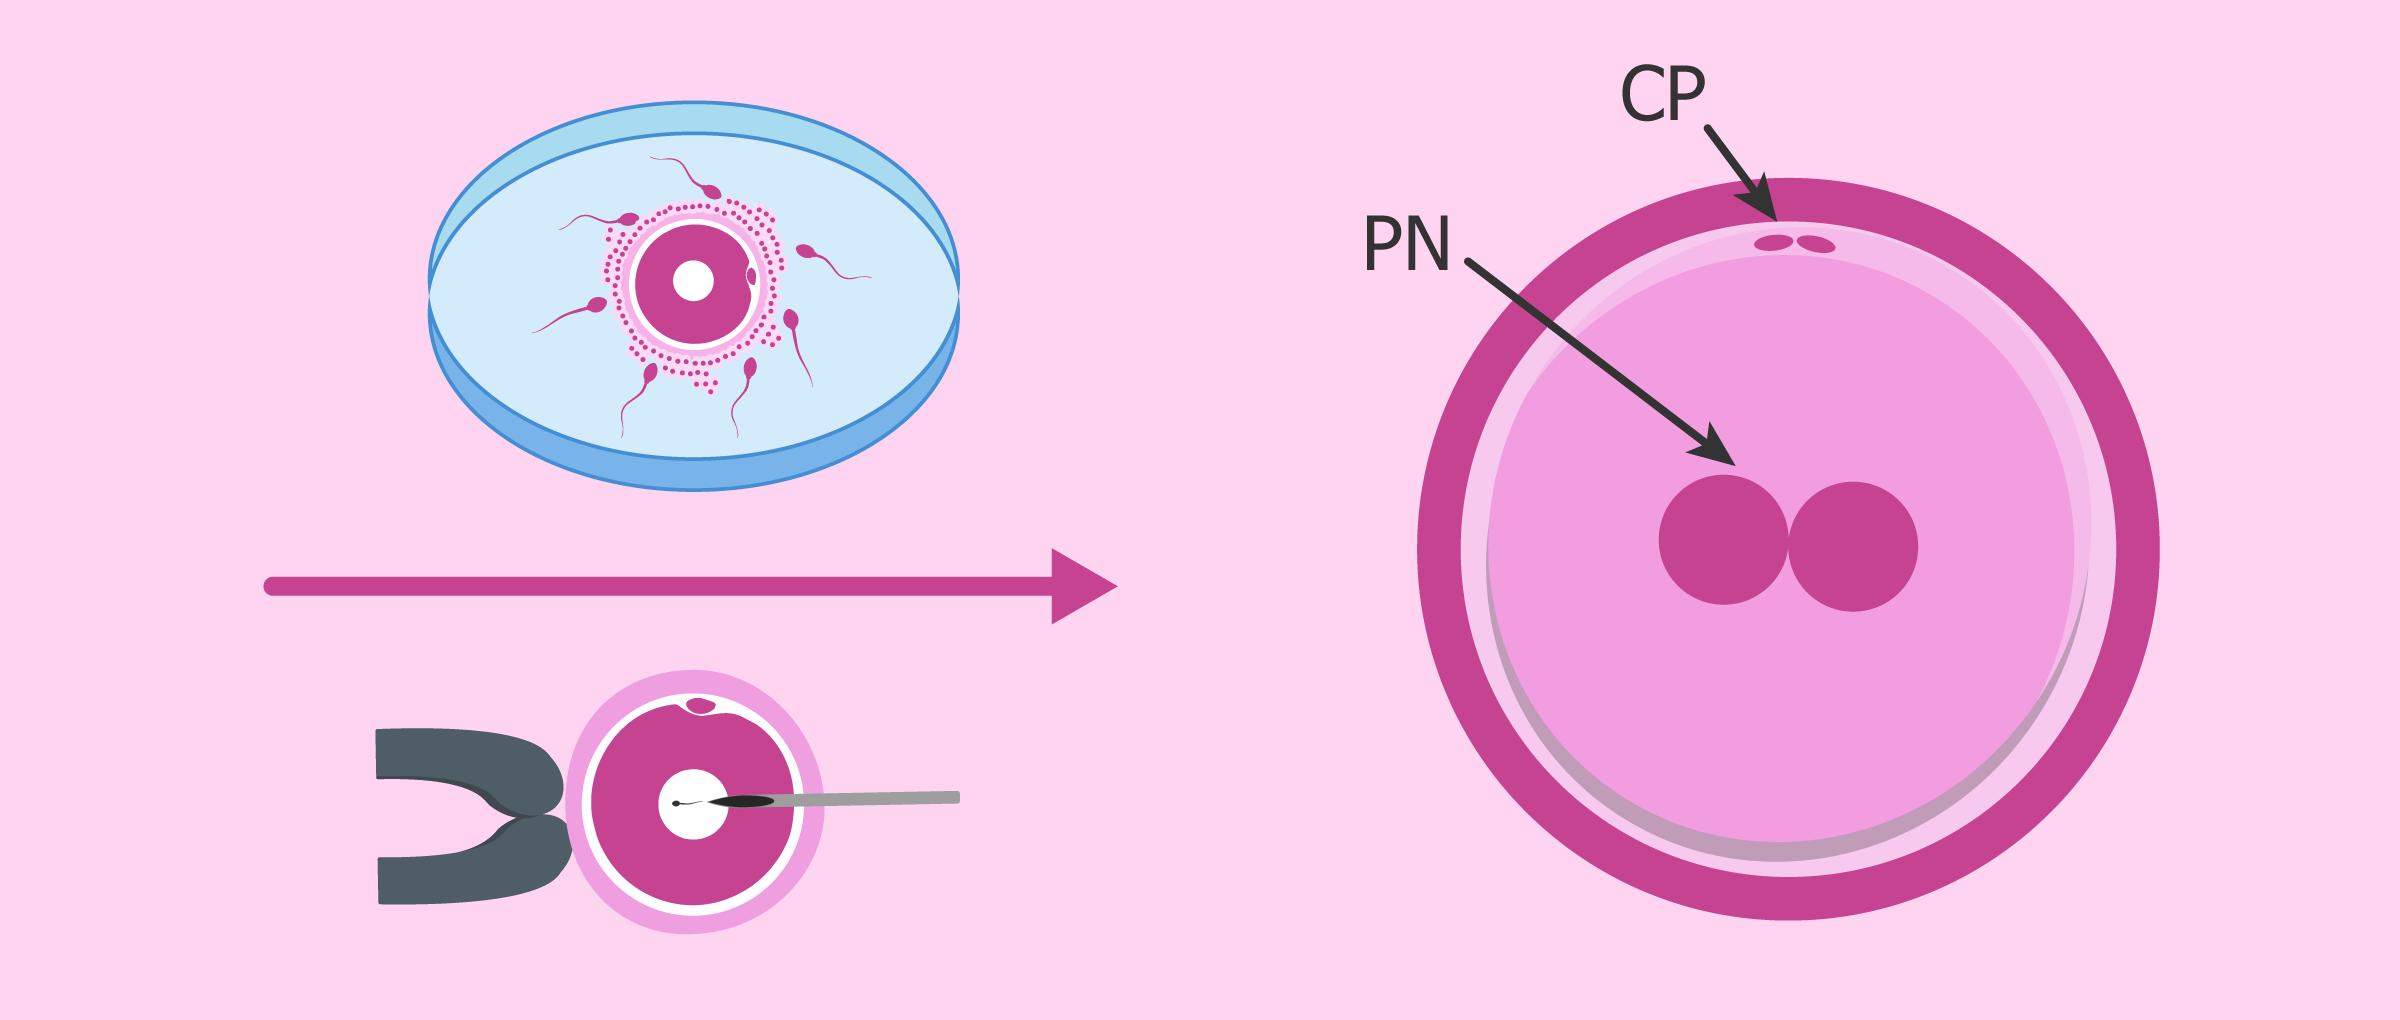 Embryon au jour 1: le zygote